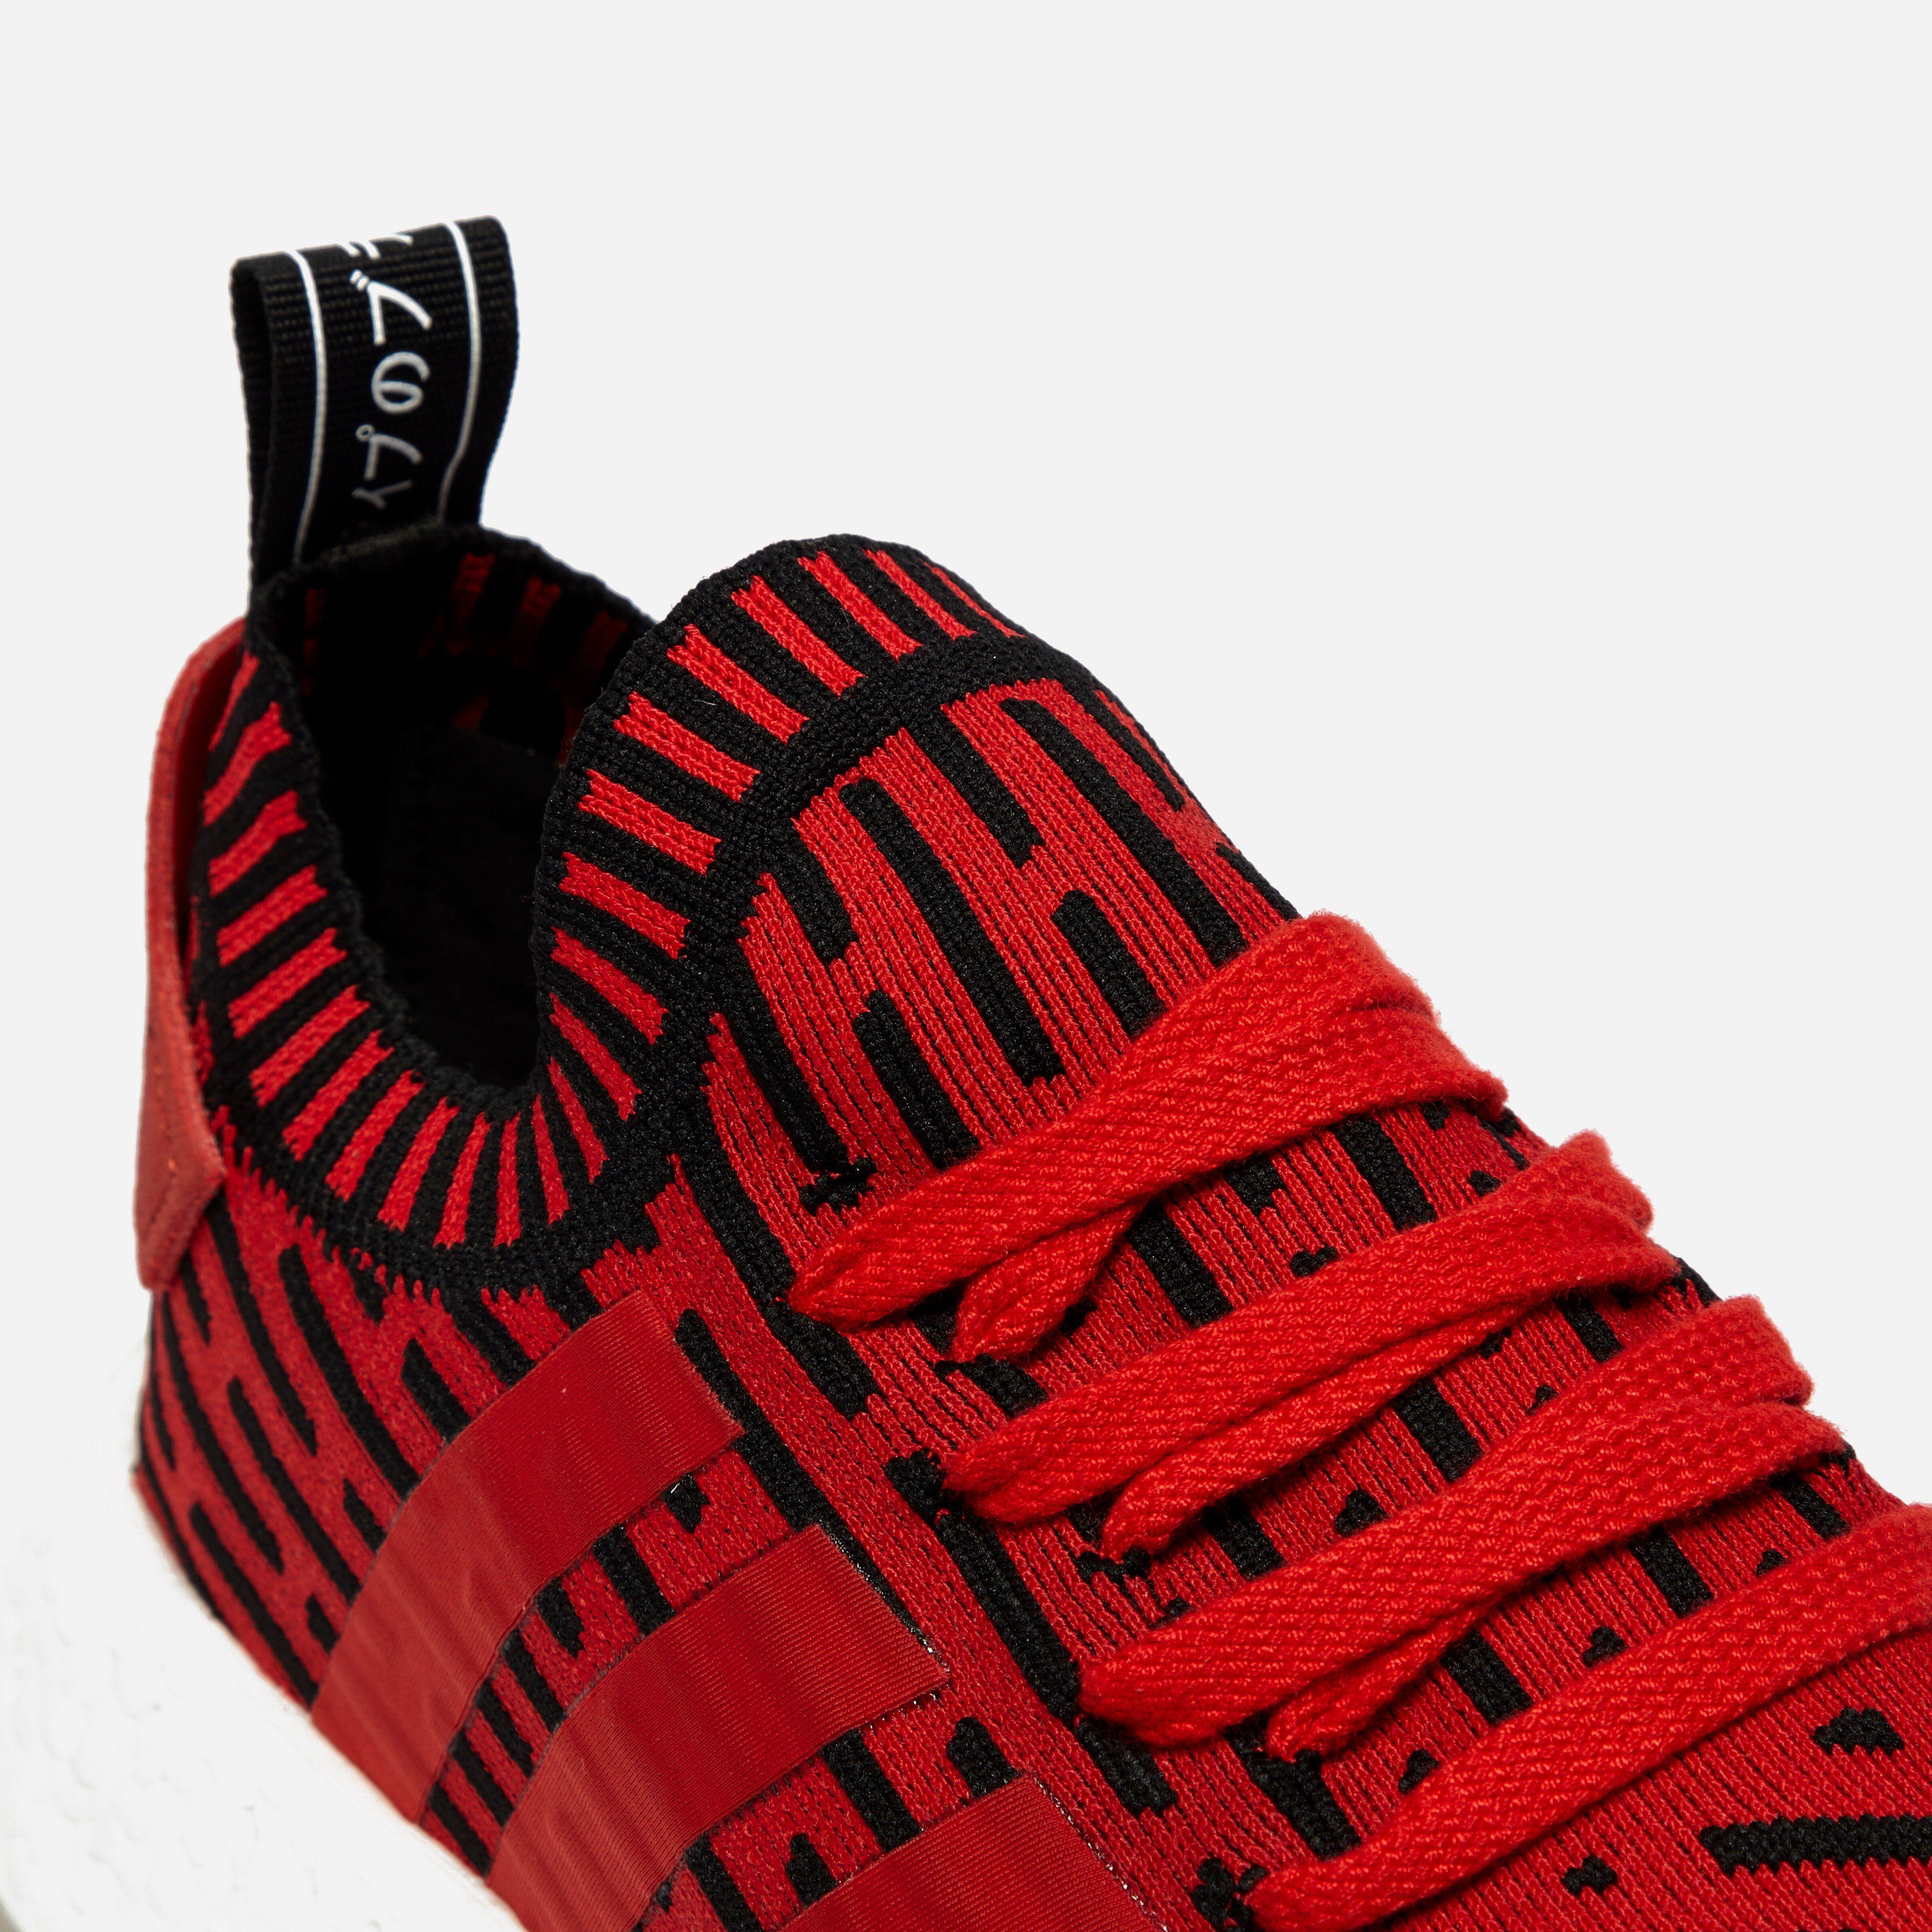 adidas Originals NMD R_2 PK